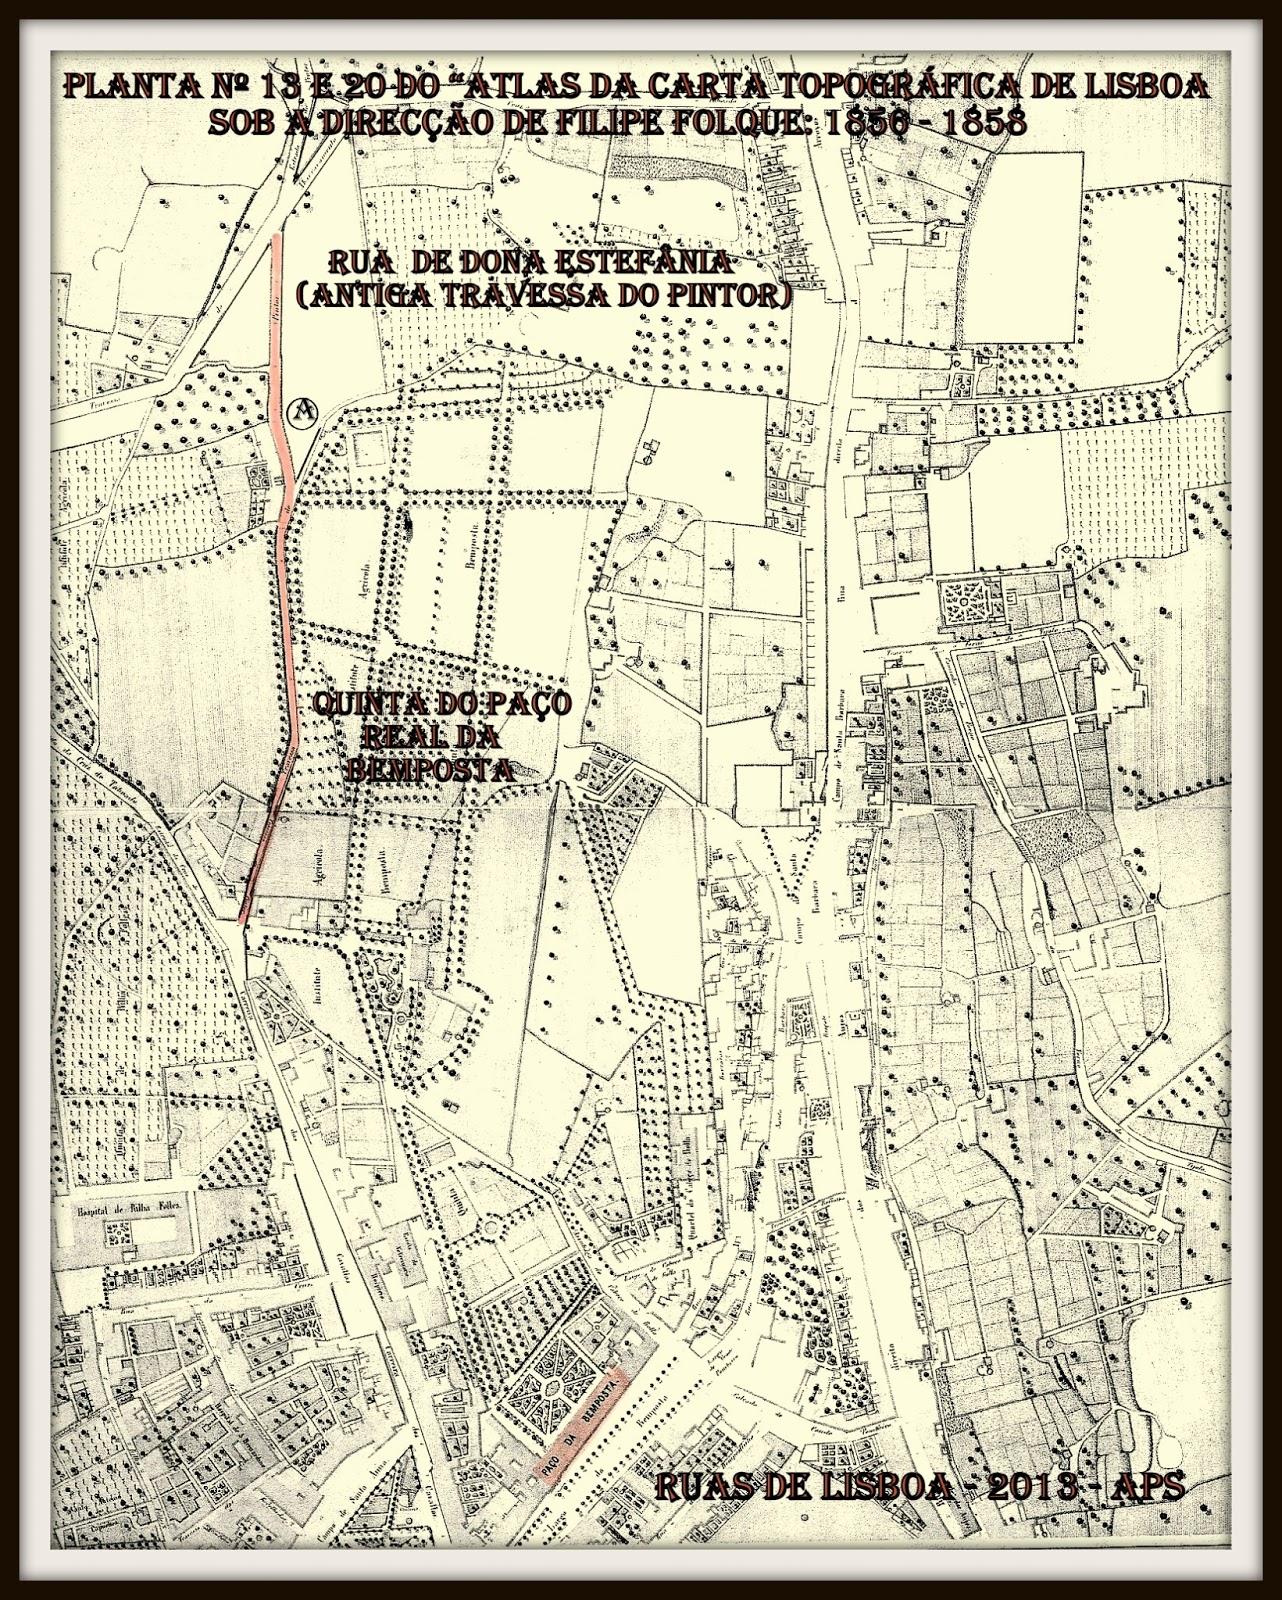 rua d estefania lisboa mapa RUAS DE LISBOA ALGUMA HISTÓRIA: RUA DE DONA ESTEFÂNIA [ I ] rua d estefania lisboa mapa